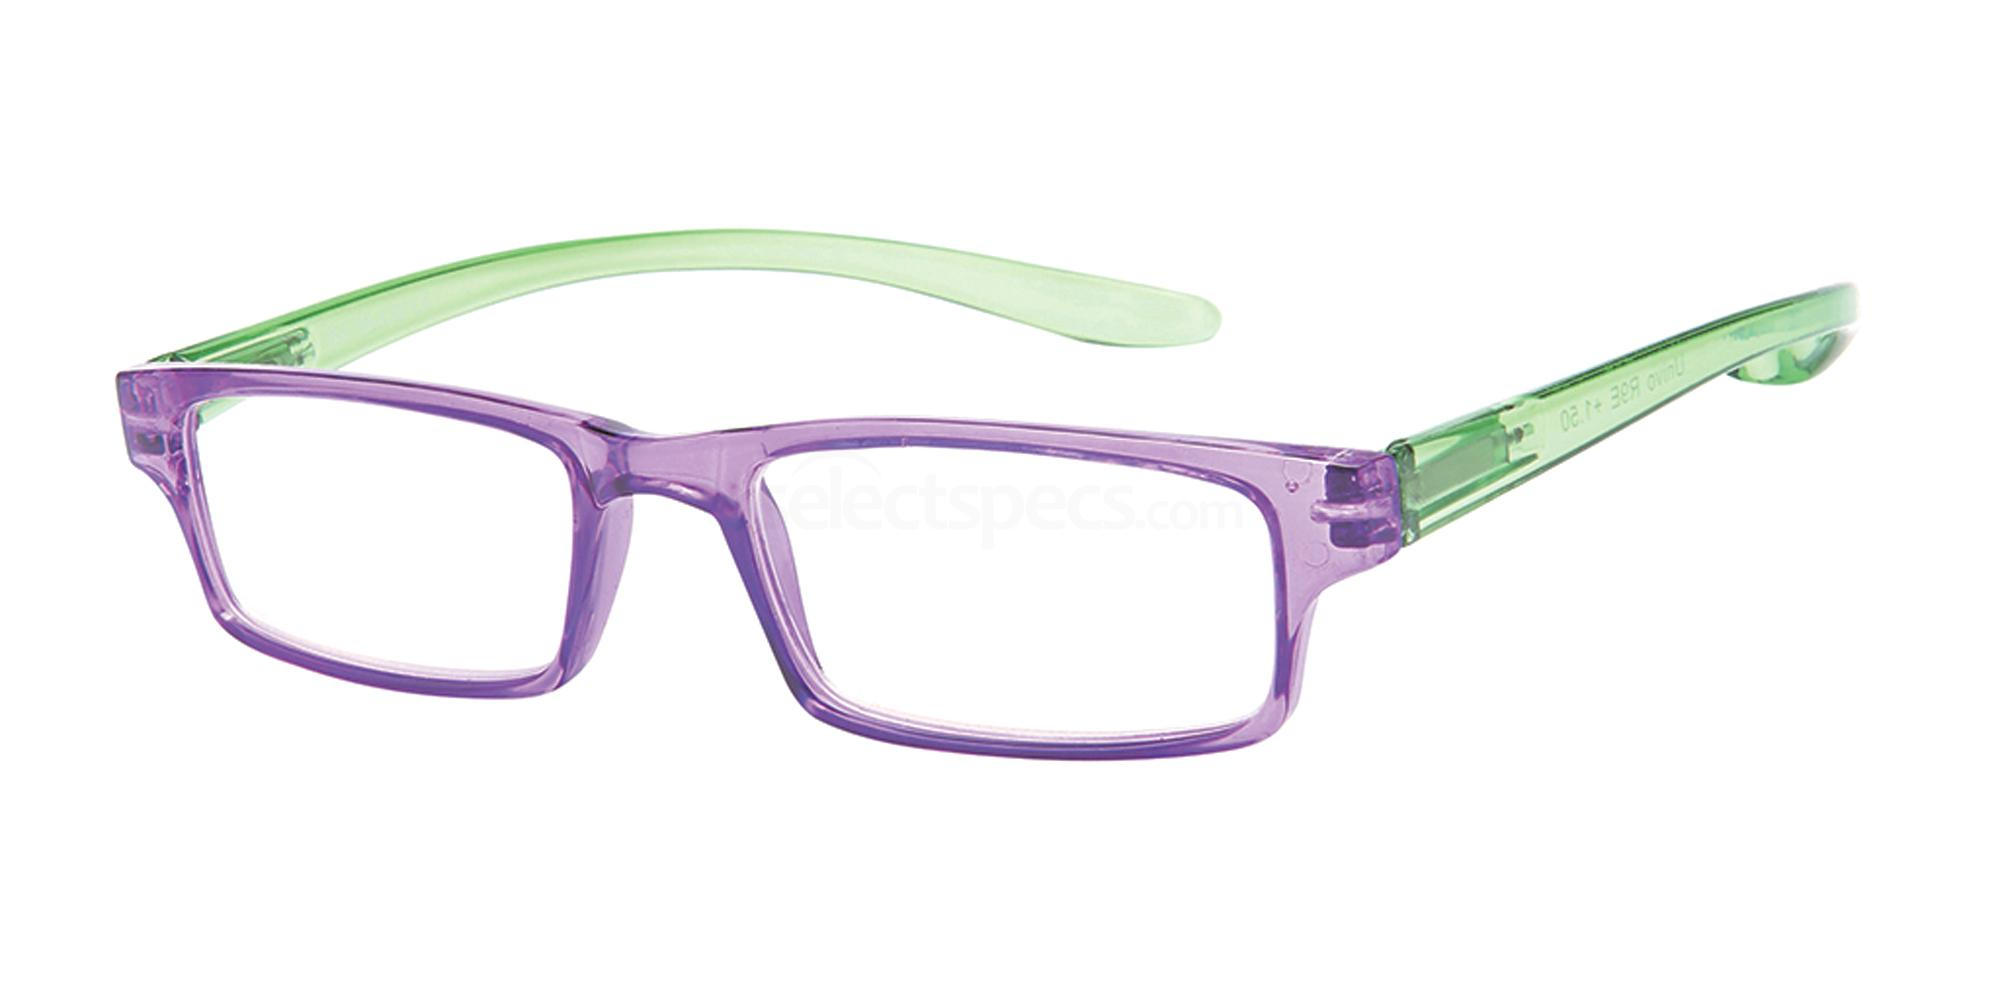 +1.00 Power Reading R9 - E: Purple / Green Accessories, Univo Readers